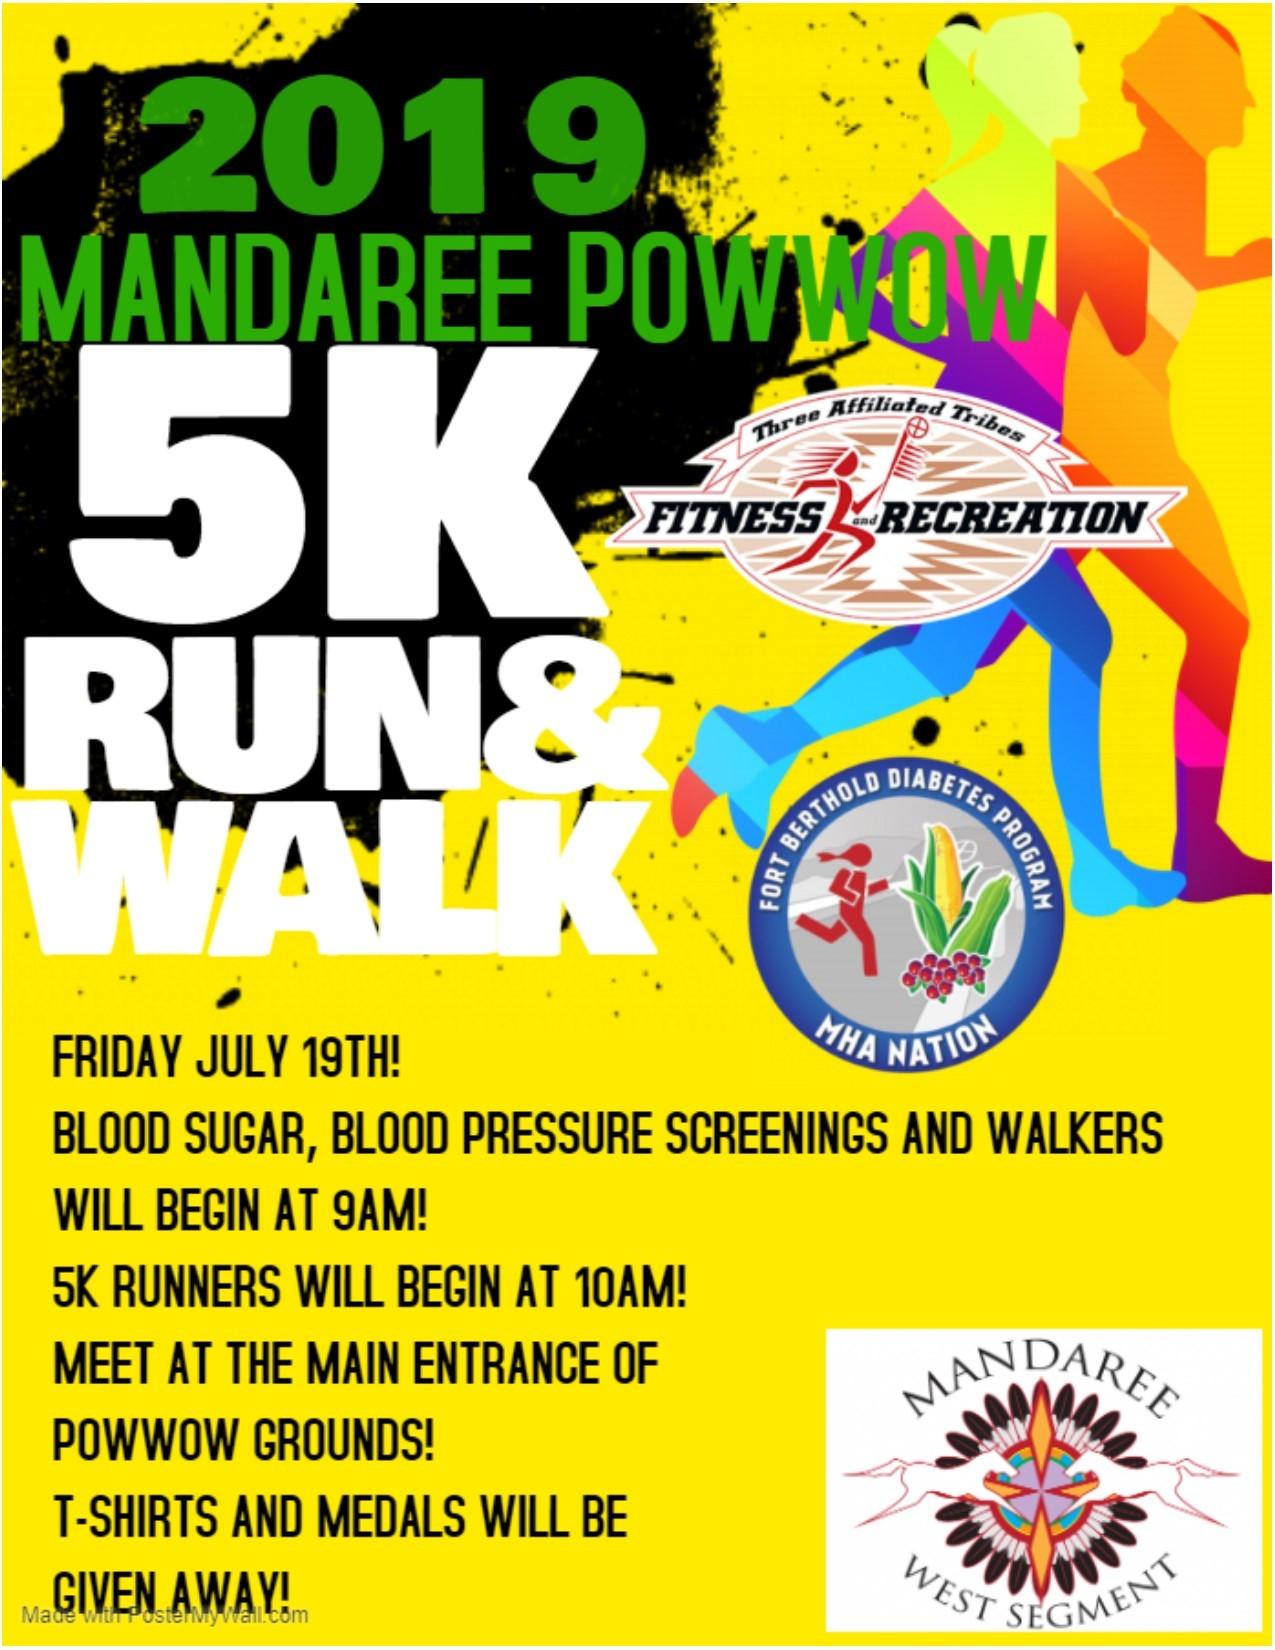 Mandaree Powwow 5K Walk Run.jpg